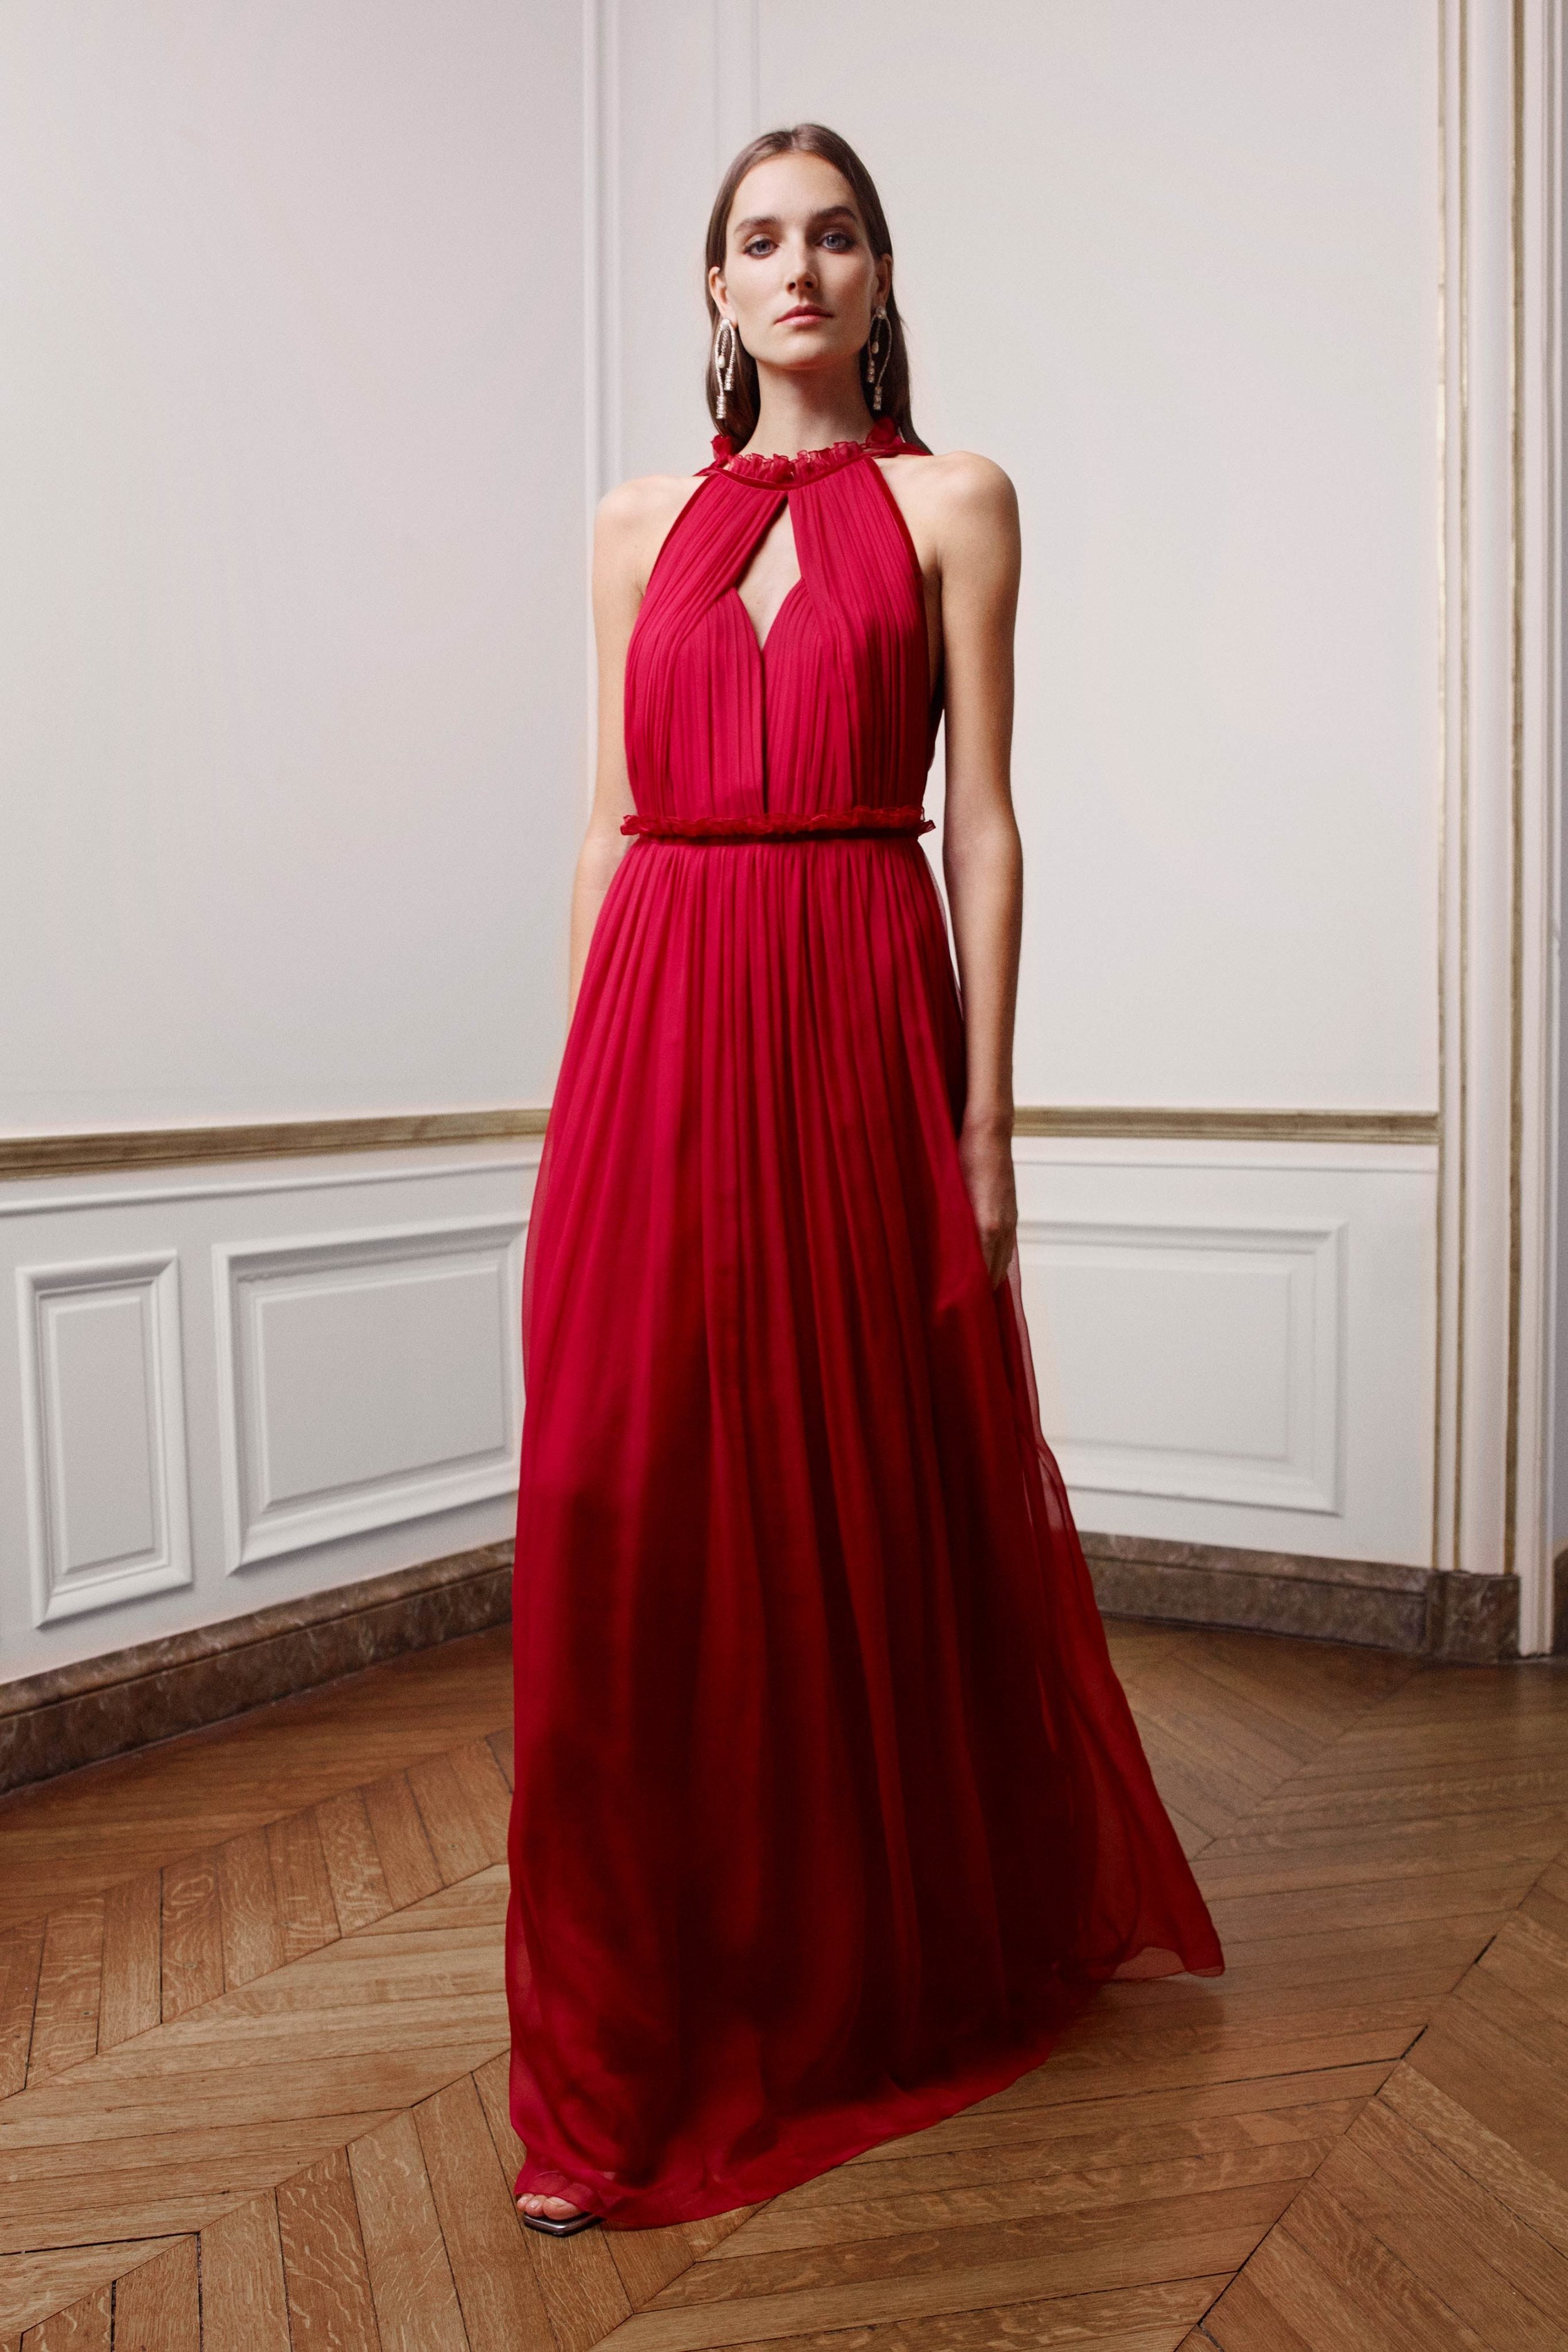 00019-alberta-ferreti-paris-couture-spring-19.jpg